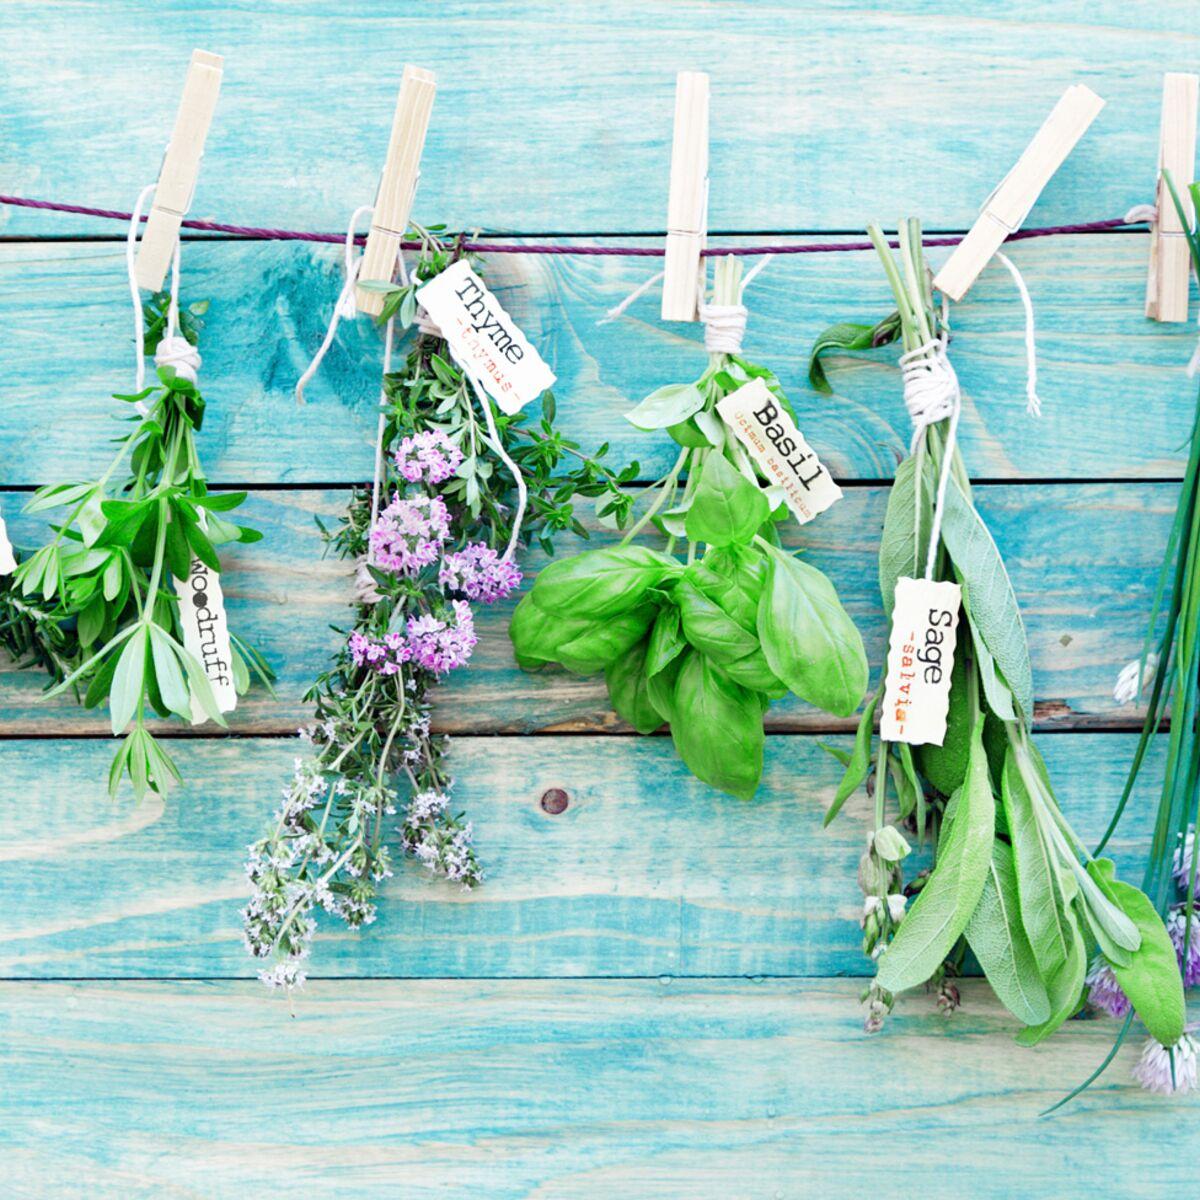 Plantes Aromatiques Sur Terrasse quelles plantes aromatiques pour mon balcon ? : femme